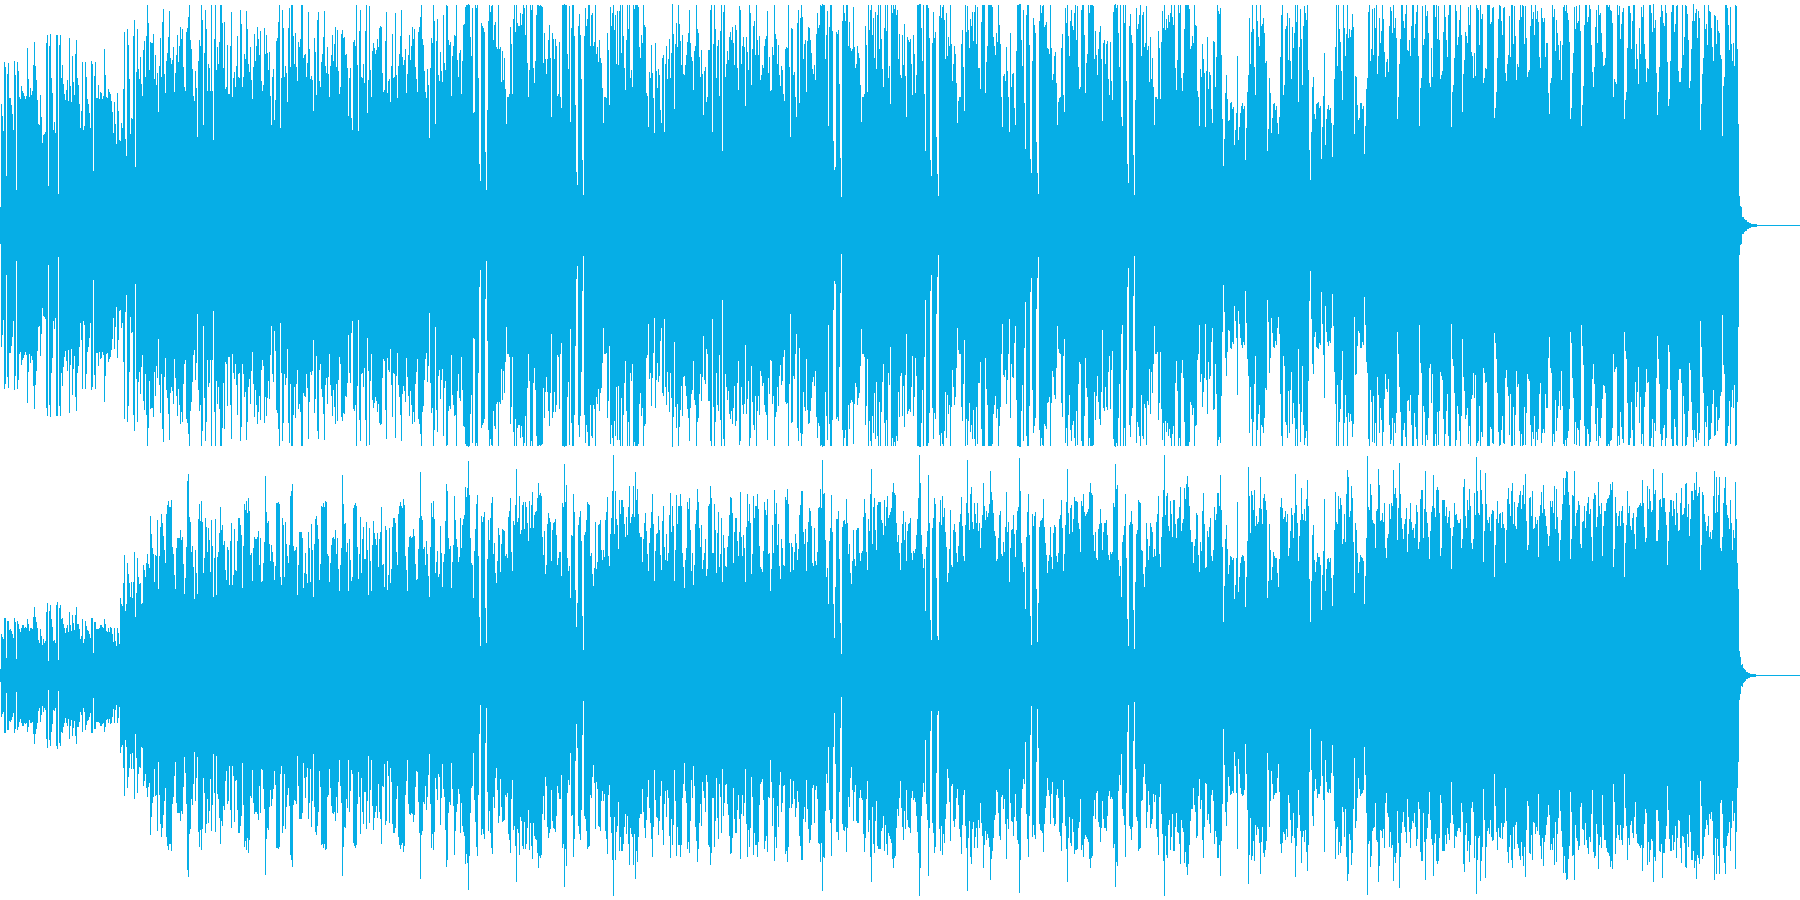 酒場をイメージしたアイリッシュなBGMの再生済みの波形